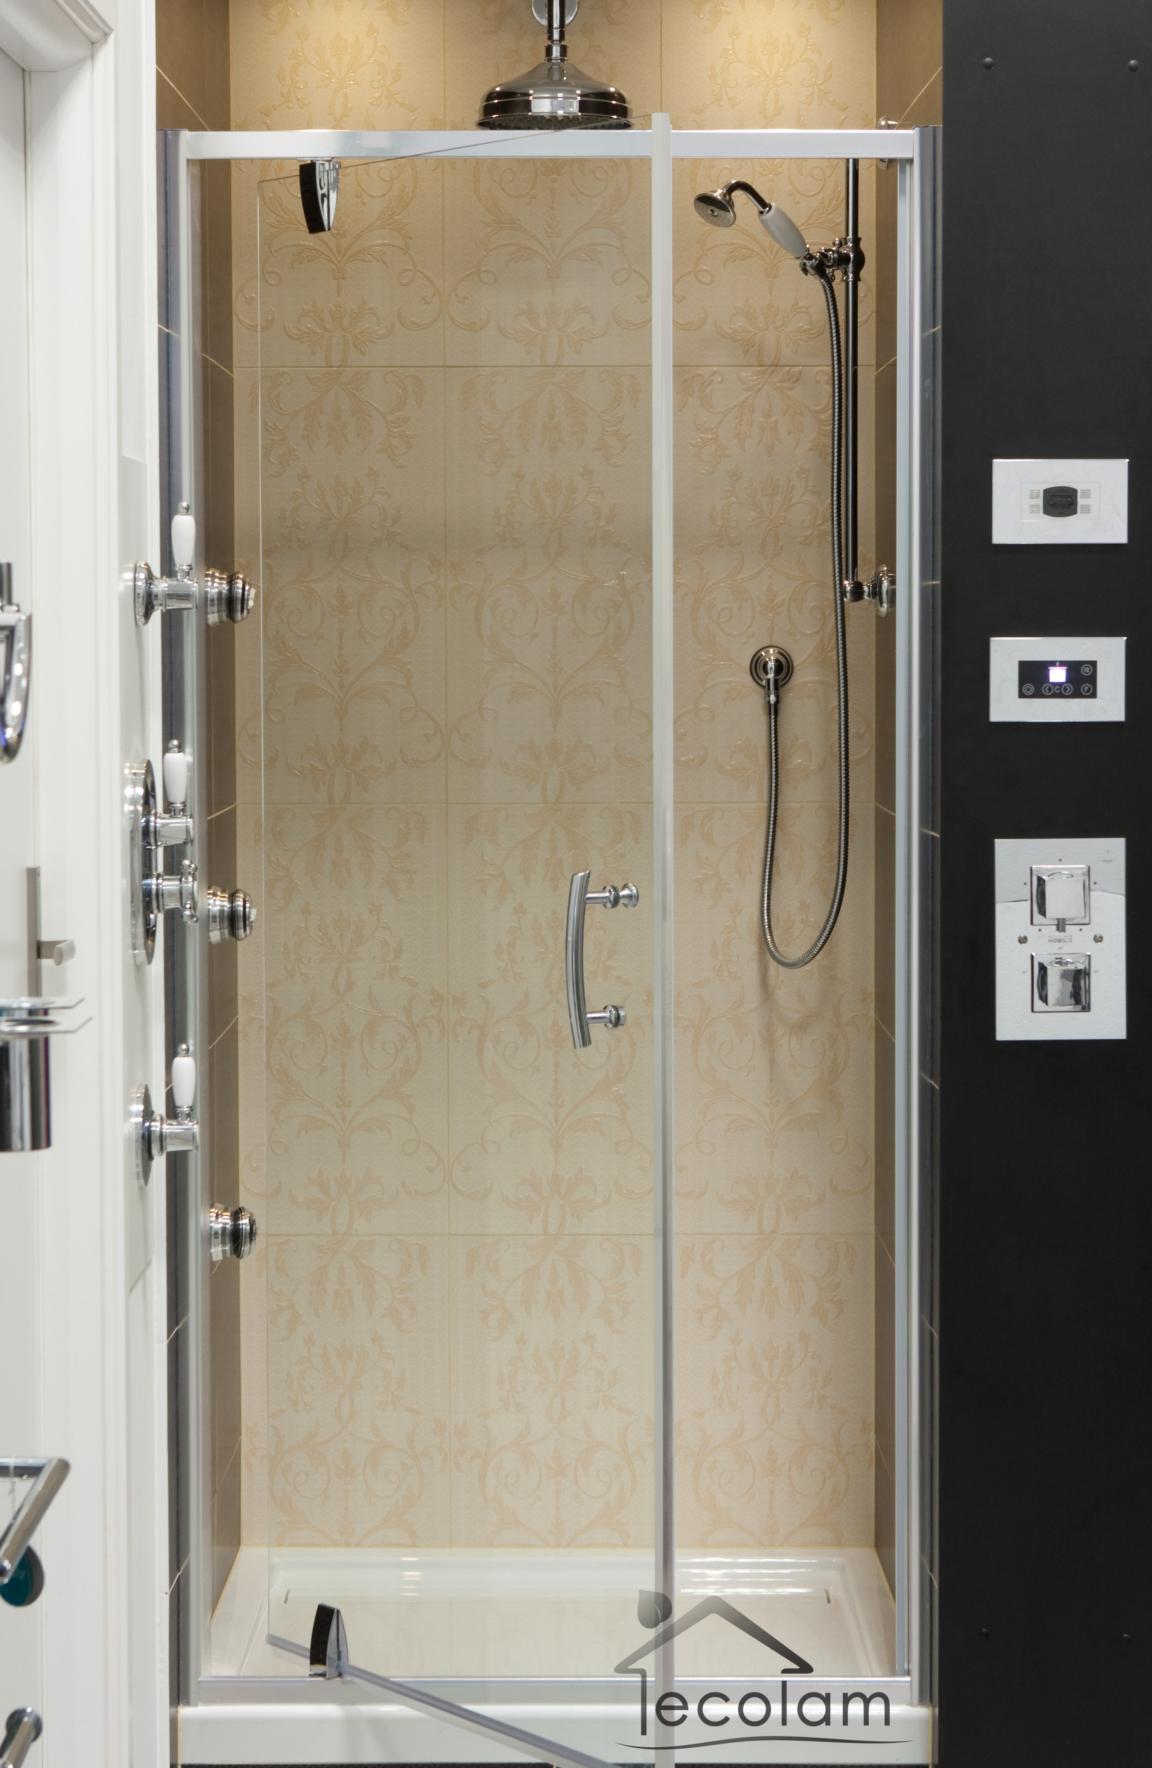 duschabtrennung t r nischent r schwingt r nische dusche glast r 90 x 185 cm s ebay. Black Bedroom Furniture Sets. Home Design Ideas